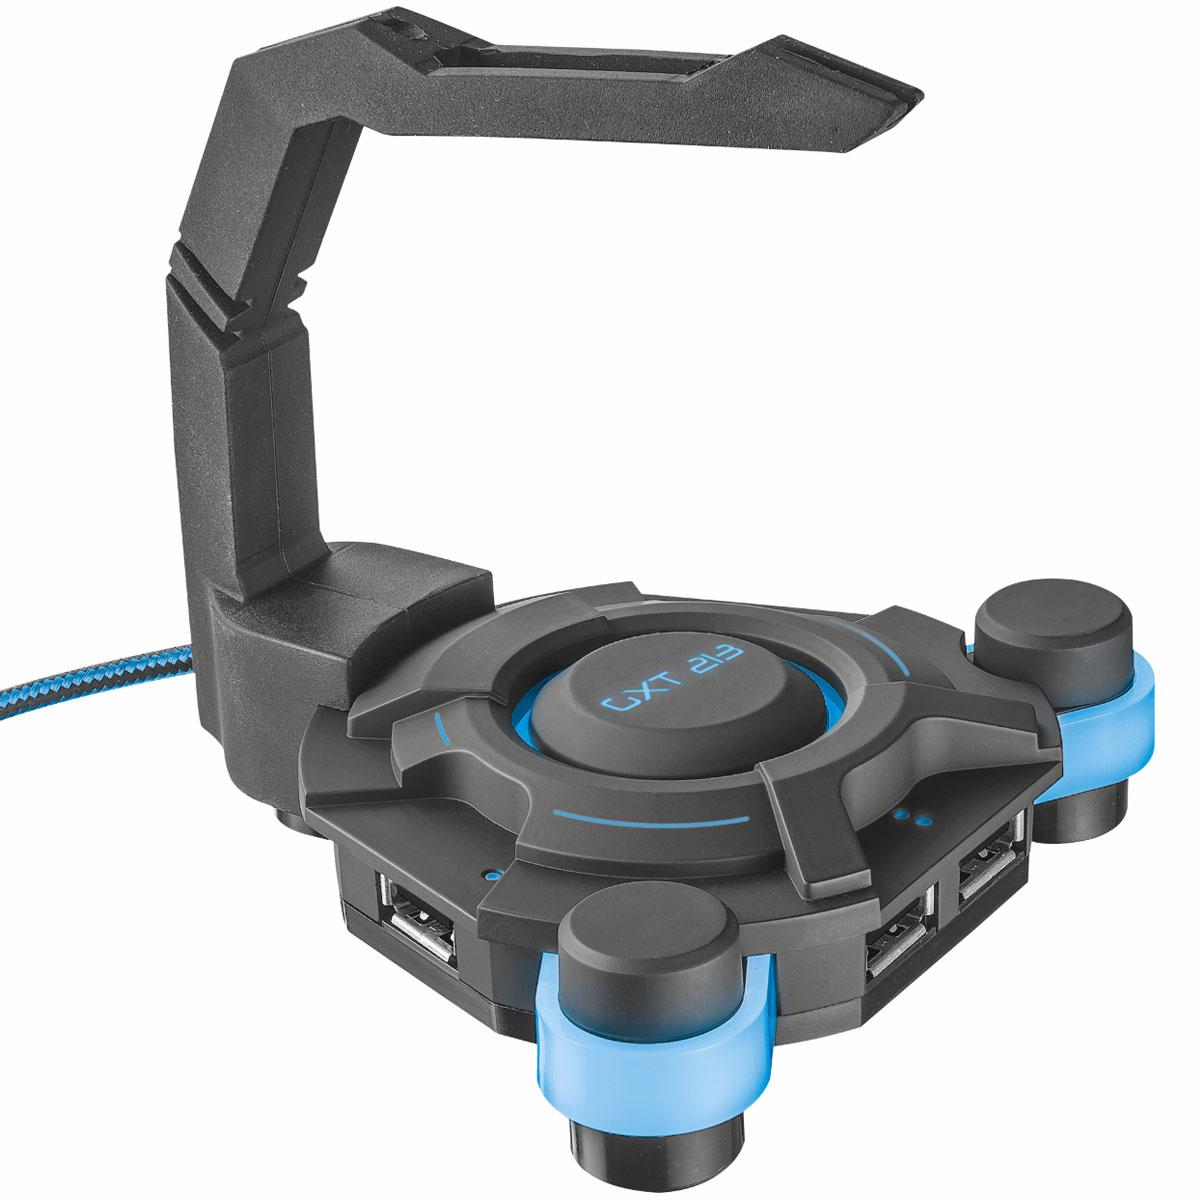 Autres accessoires jeu Trust Gaming GXT 213 Organisateur de câble pour  gamer avec hub 4 ports